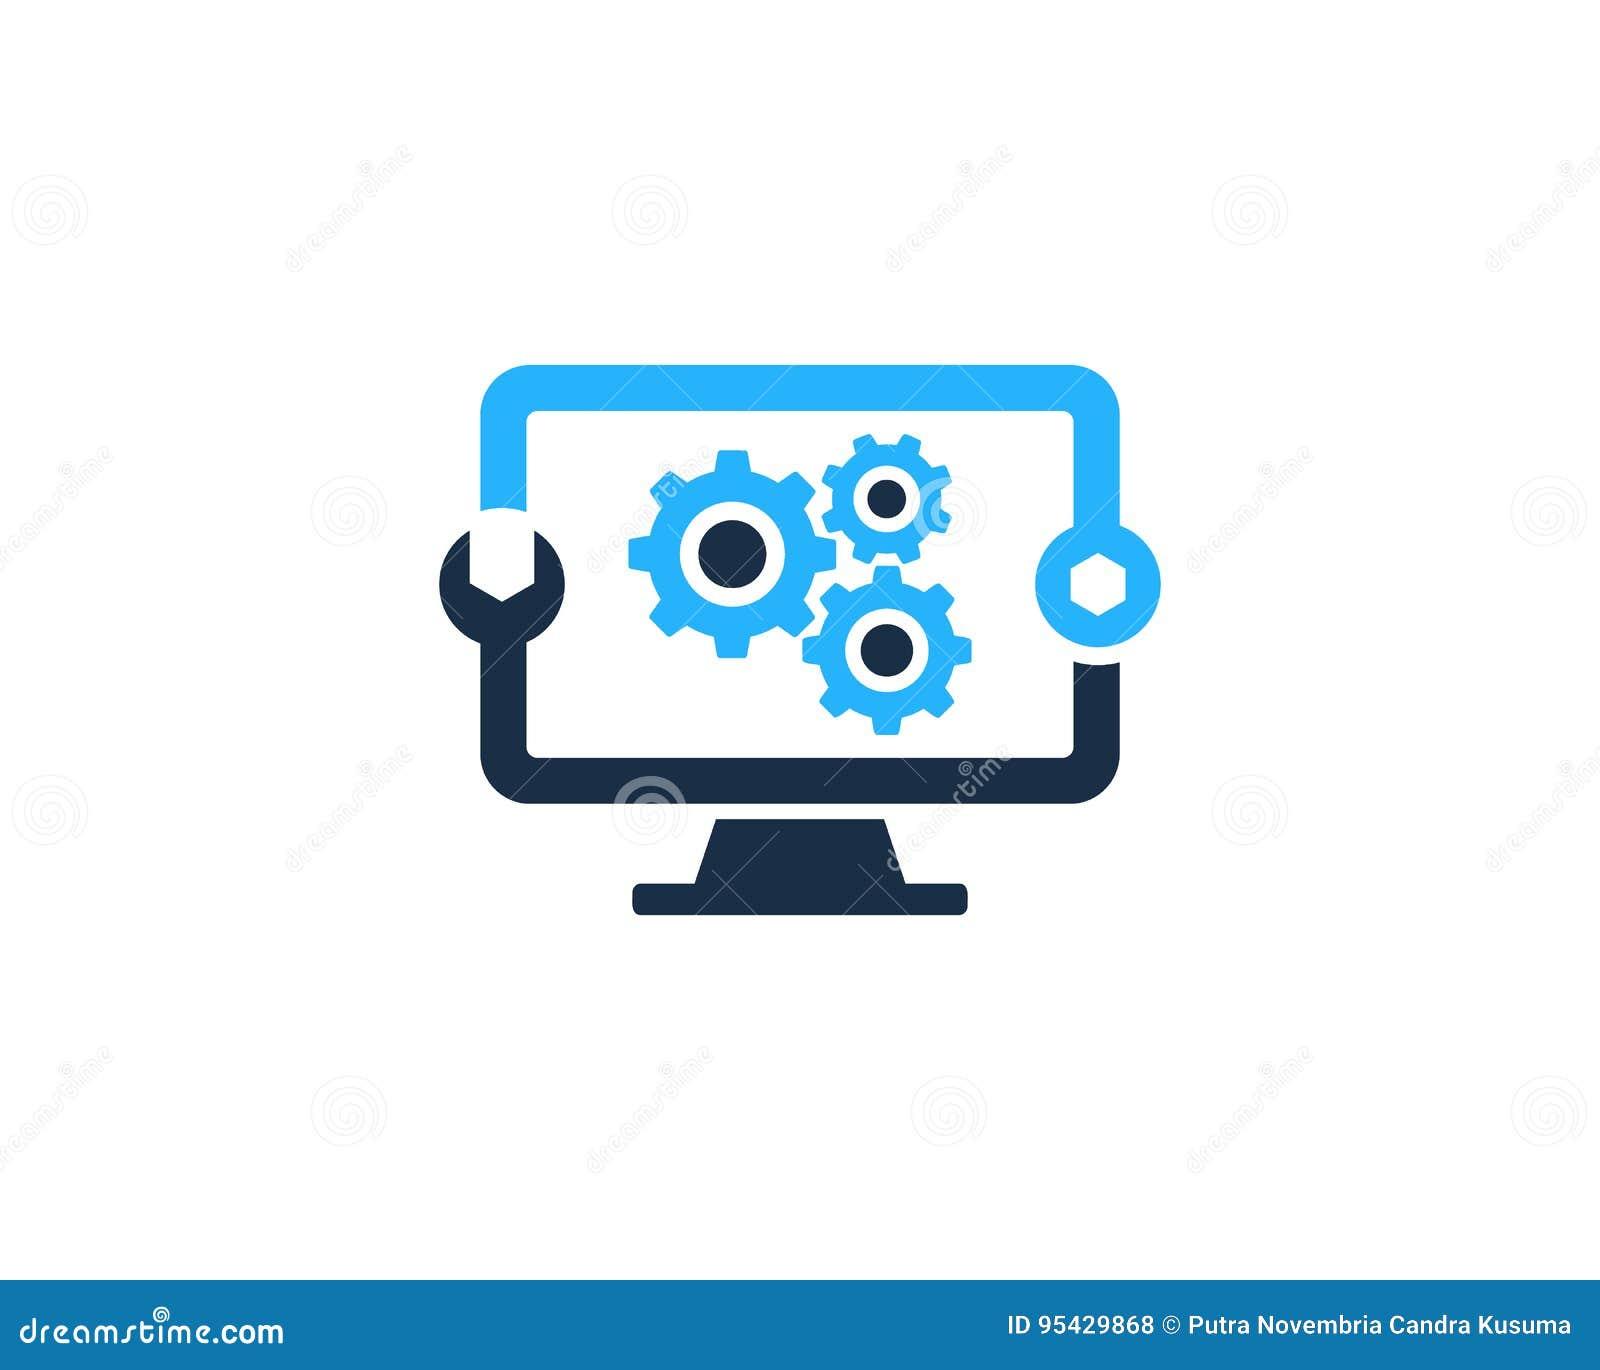 gear tool computer icon logo design element stock vector